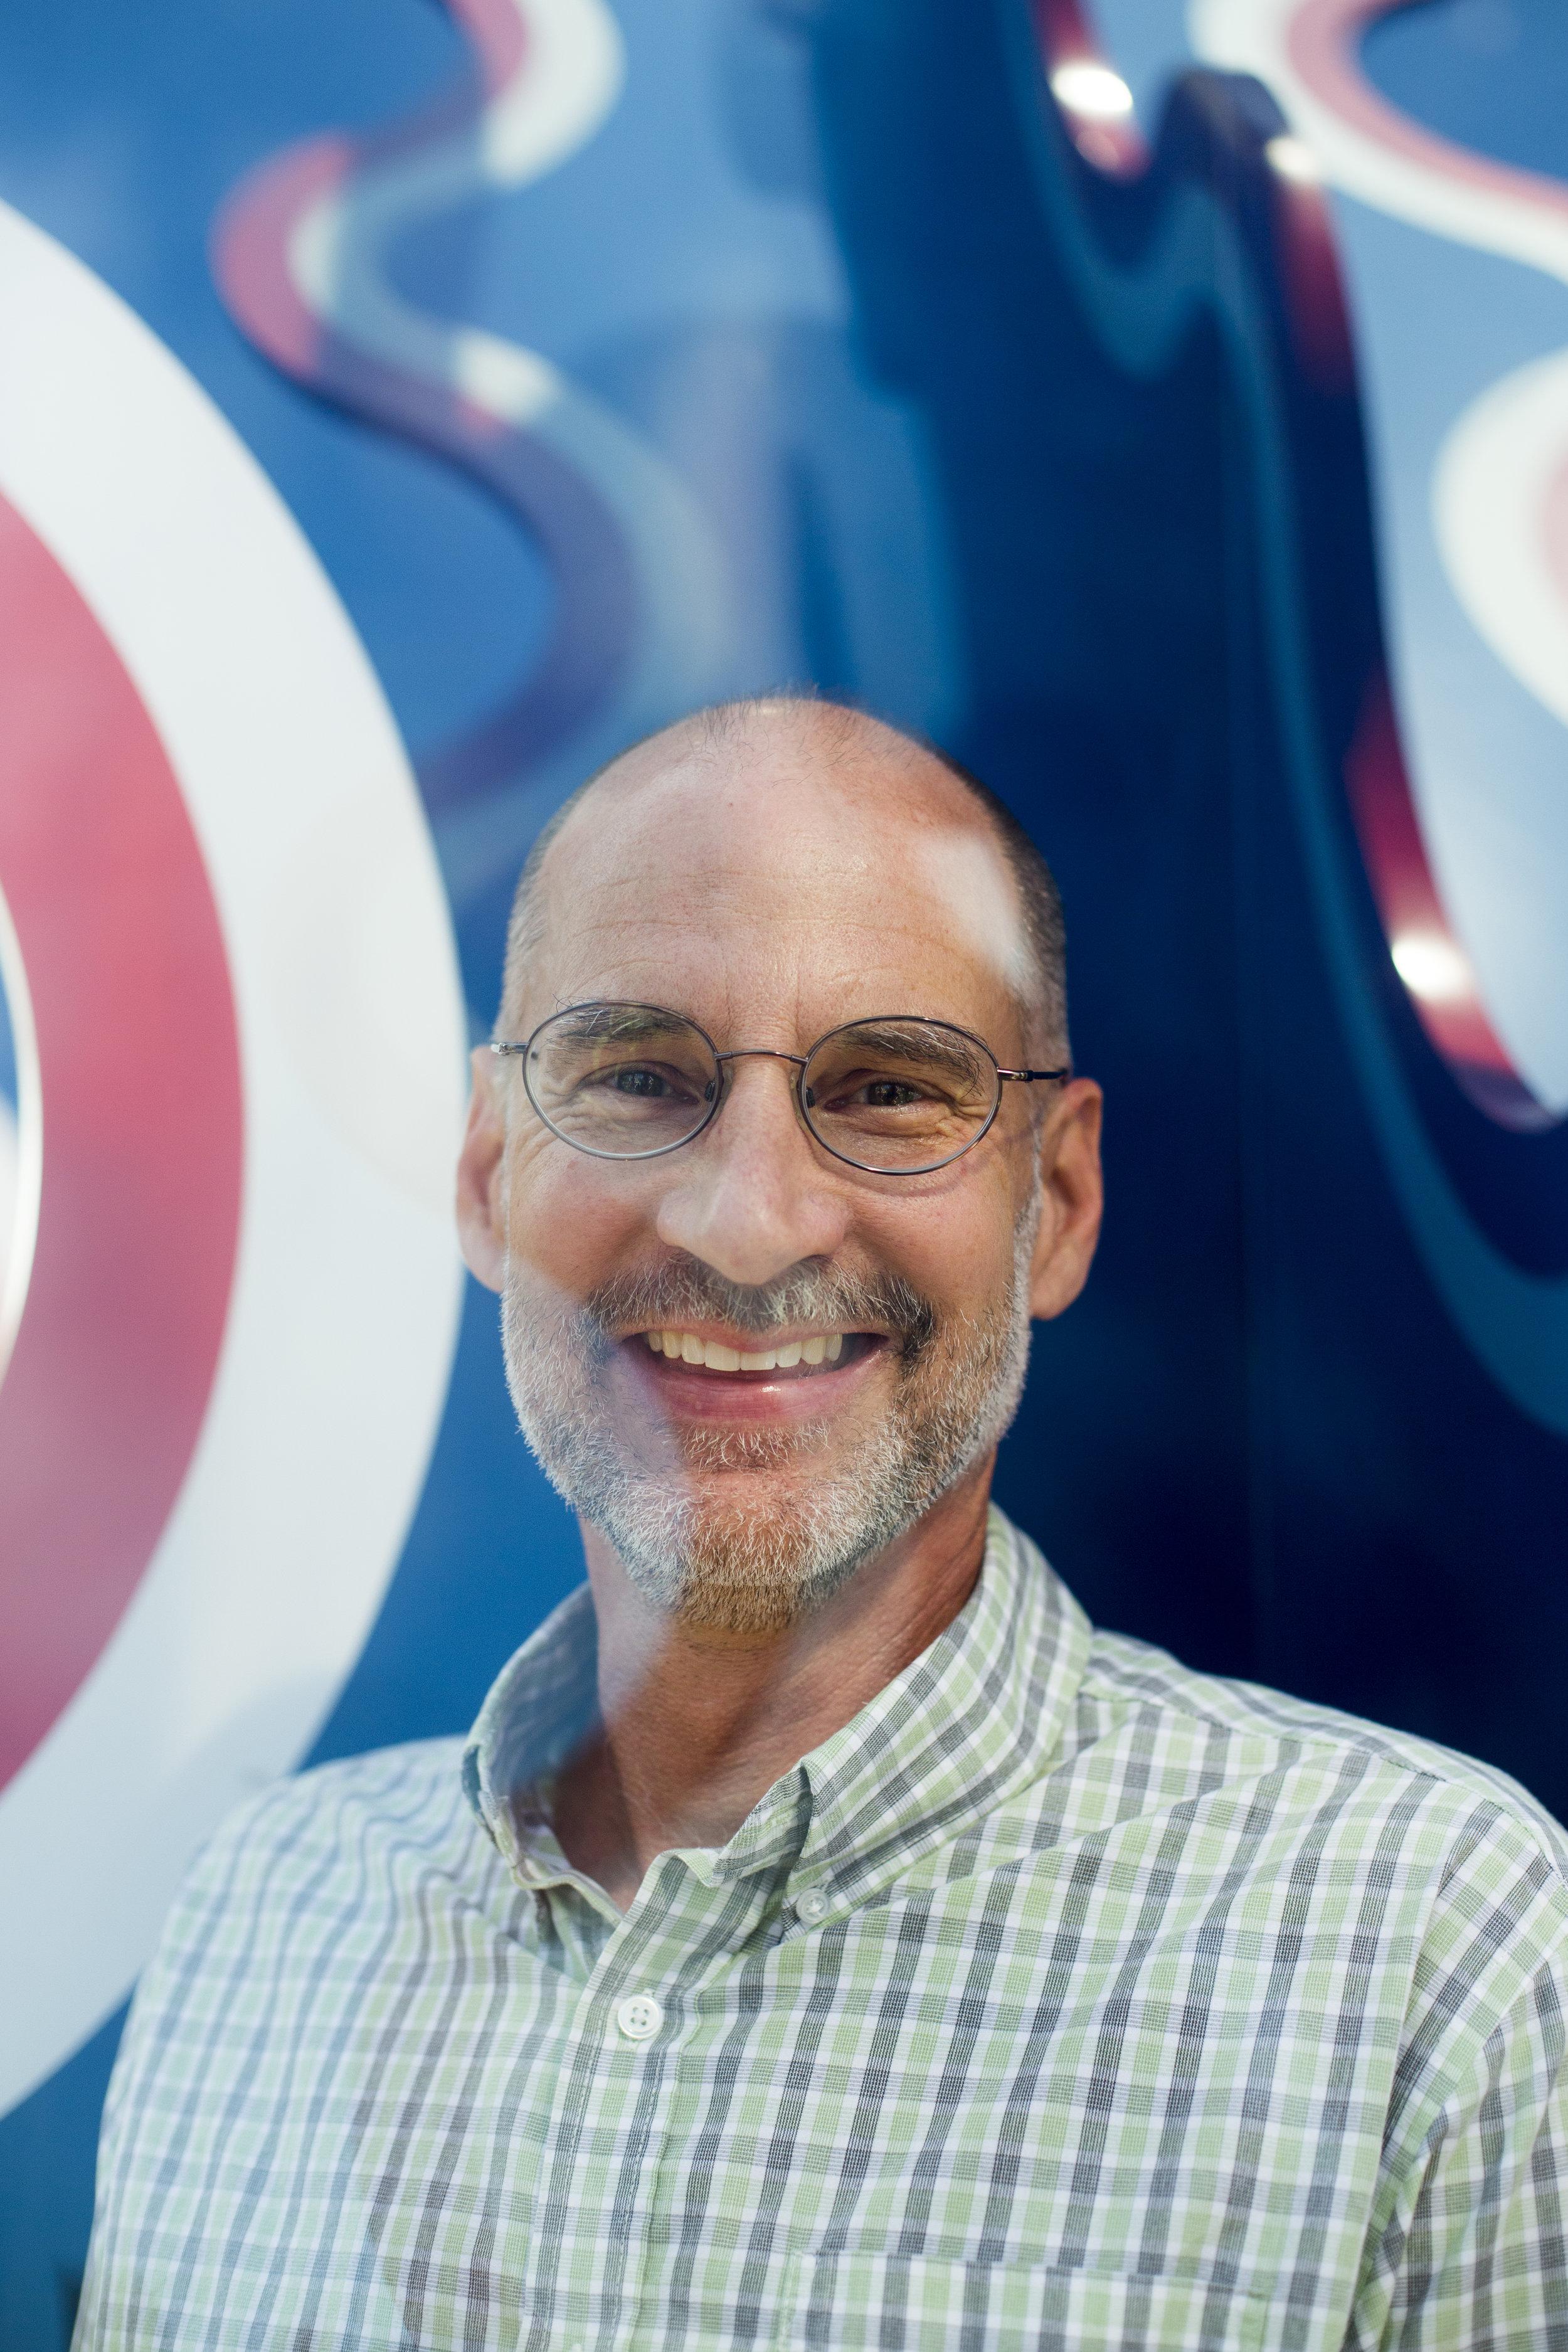 Professor of Interior and Industrial Design